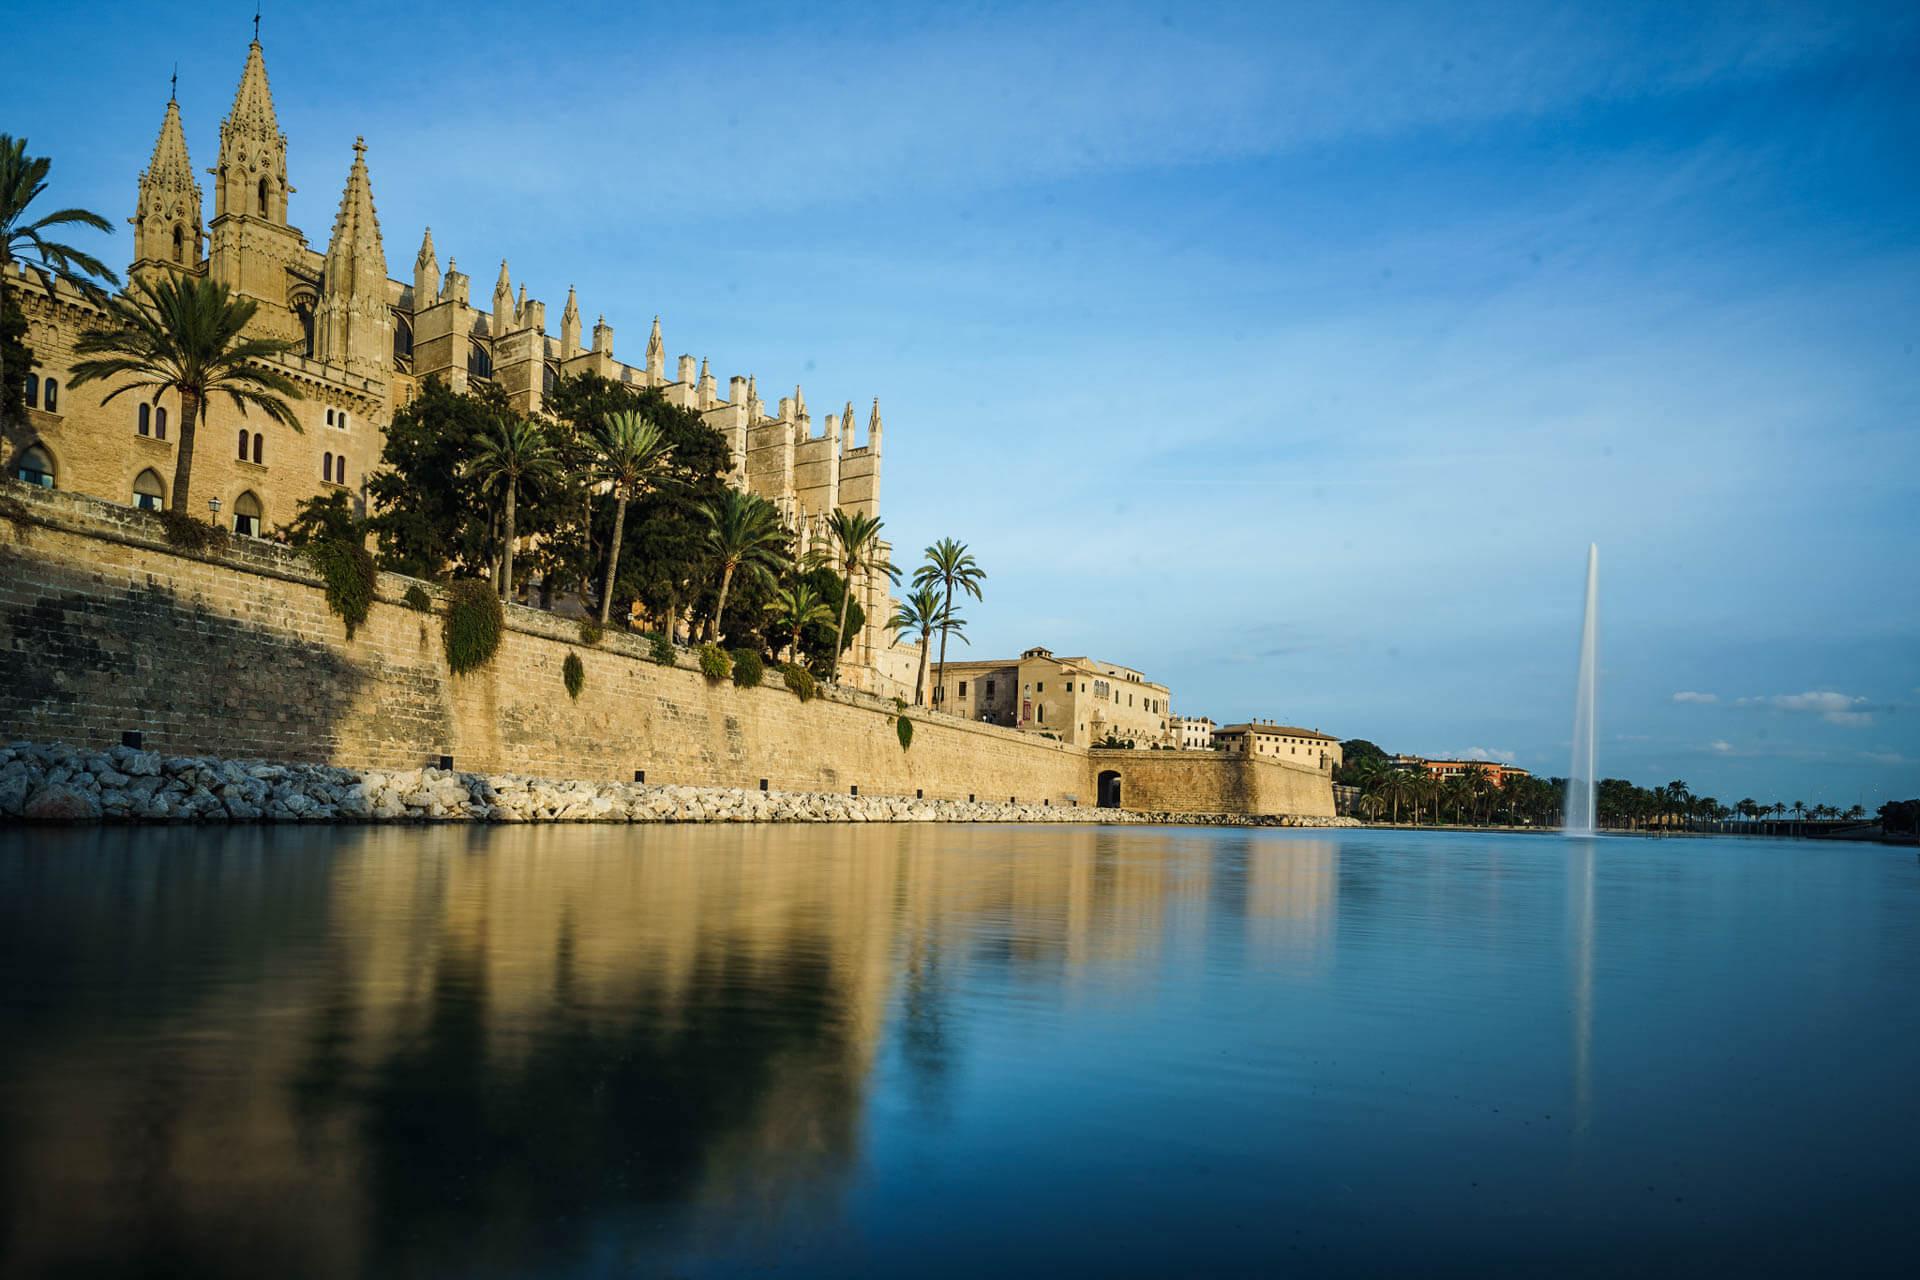 Fototurer på Palma de mallorca, Spanien